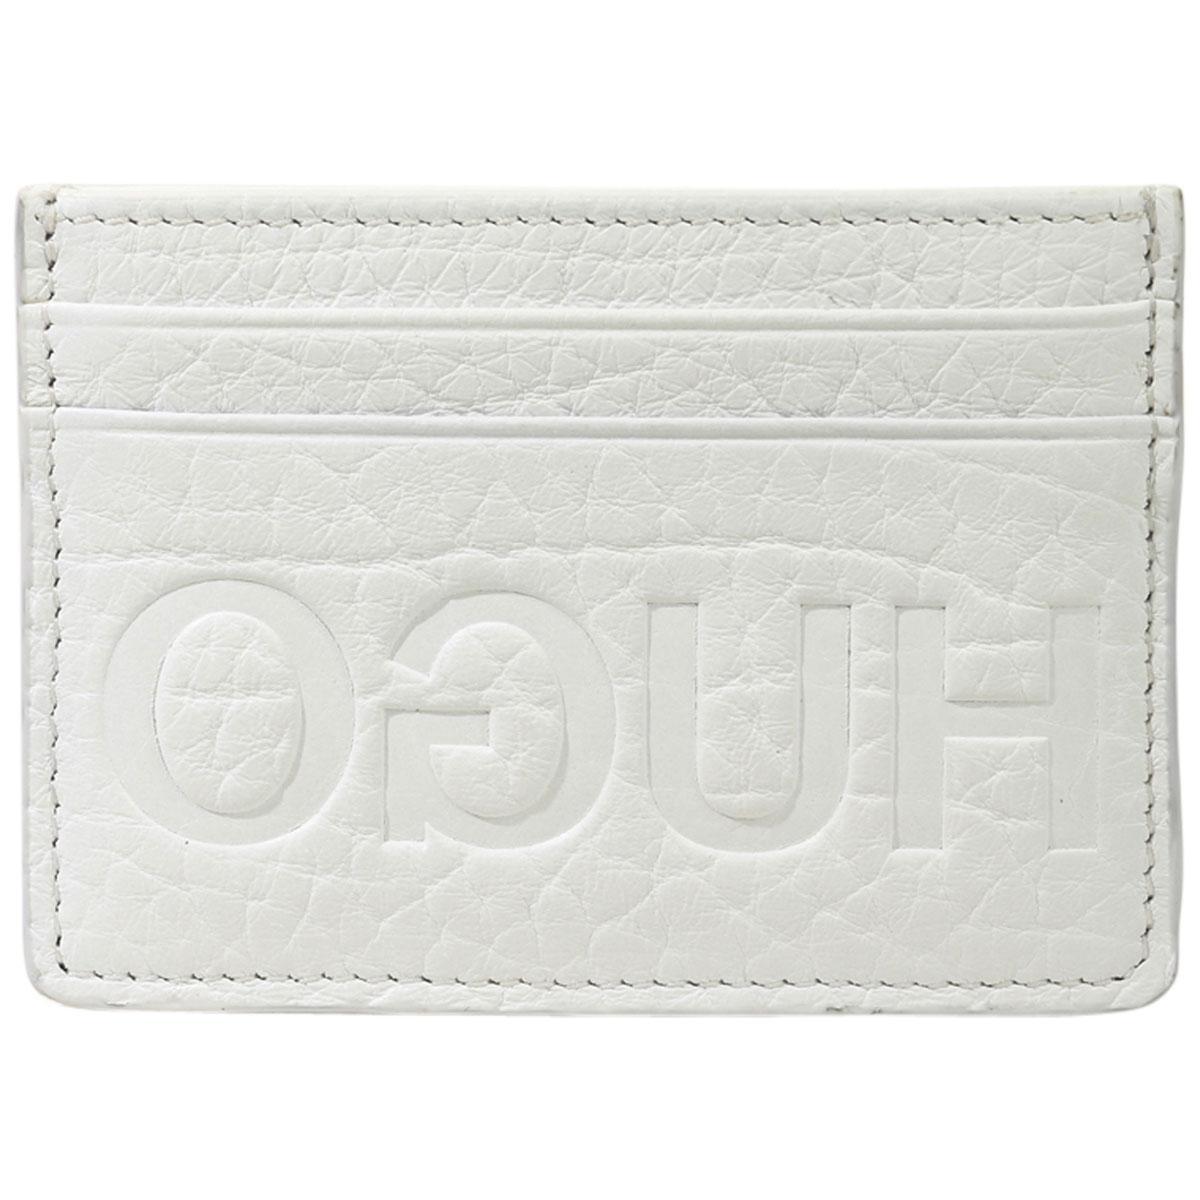 Hugo Boss Beckley Wallet Bifold Black 100% Leather 3 Credit Card Slots